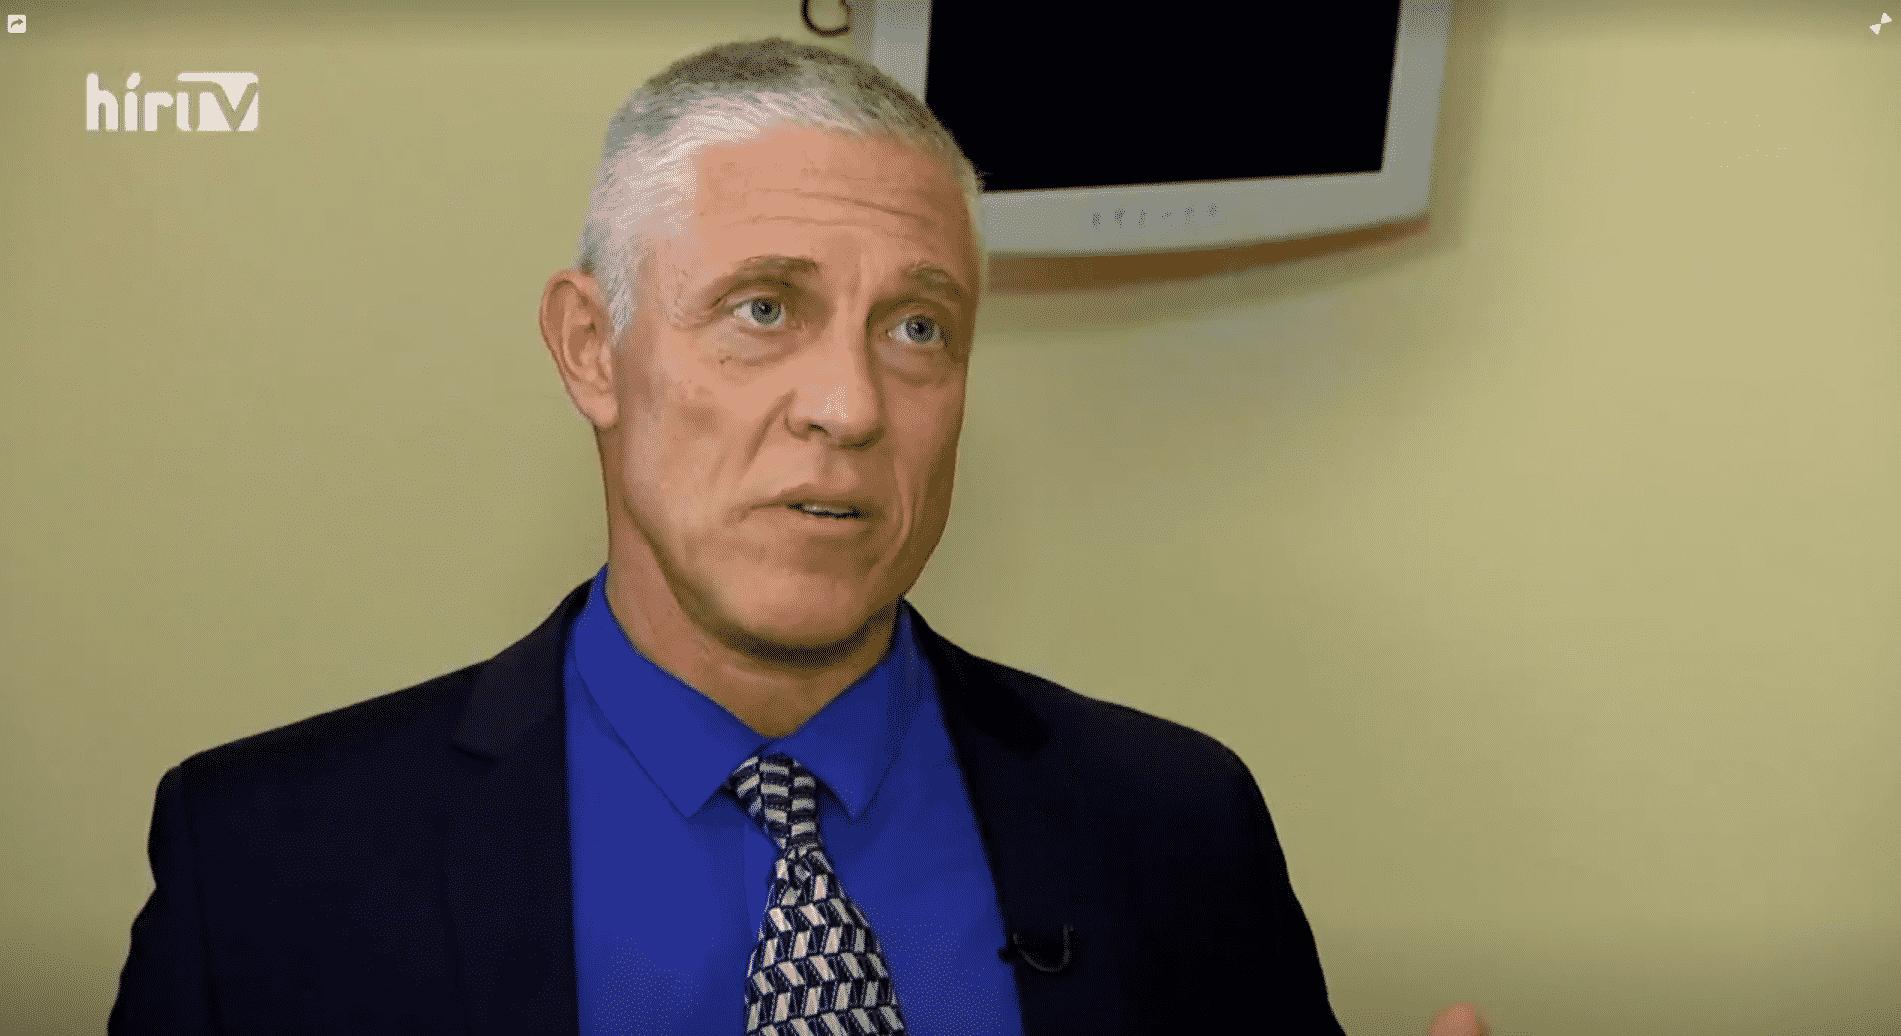 Prof dr. Bánhidy Ferenc - 2019. április 2., kedd 20:49 HírTV